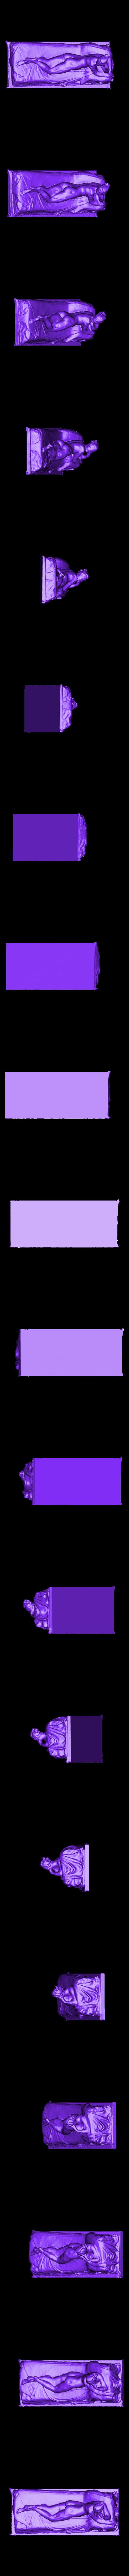 NaidFinal.stl Télécharger fichier STL gratuit Naïade couchée • Objet imprimable en 3D, metmuseum